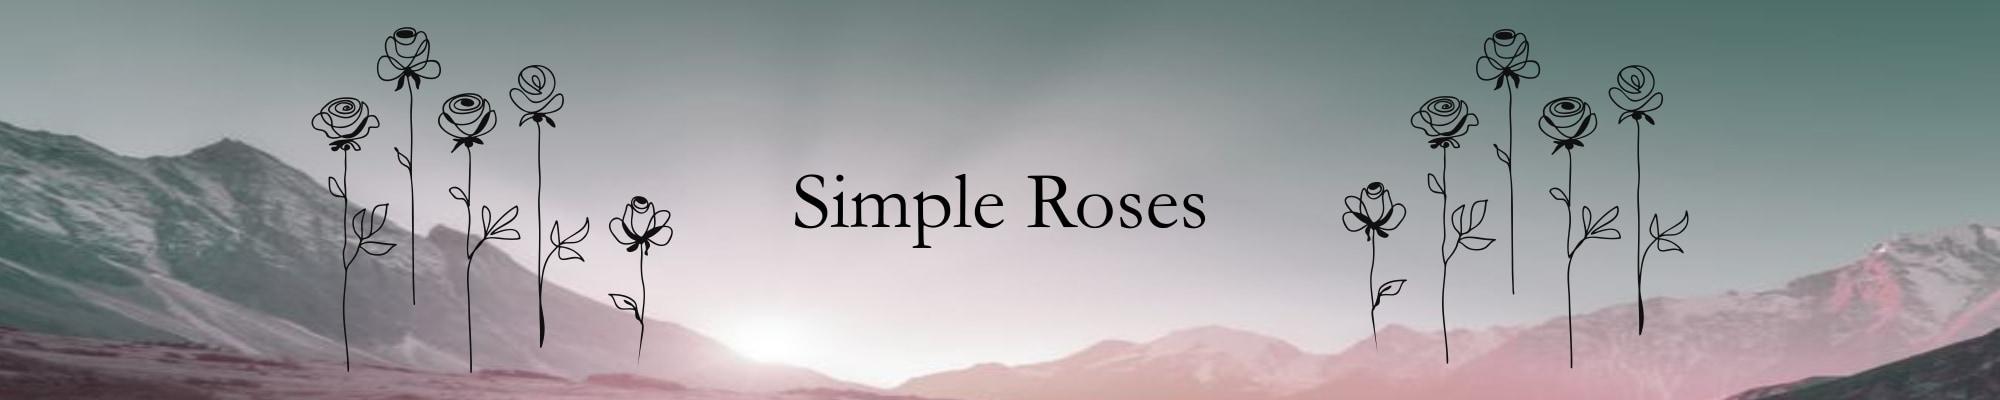 Header Simple Roses